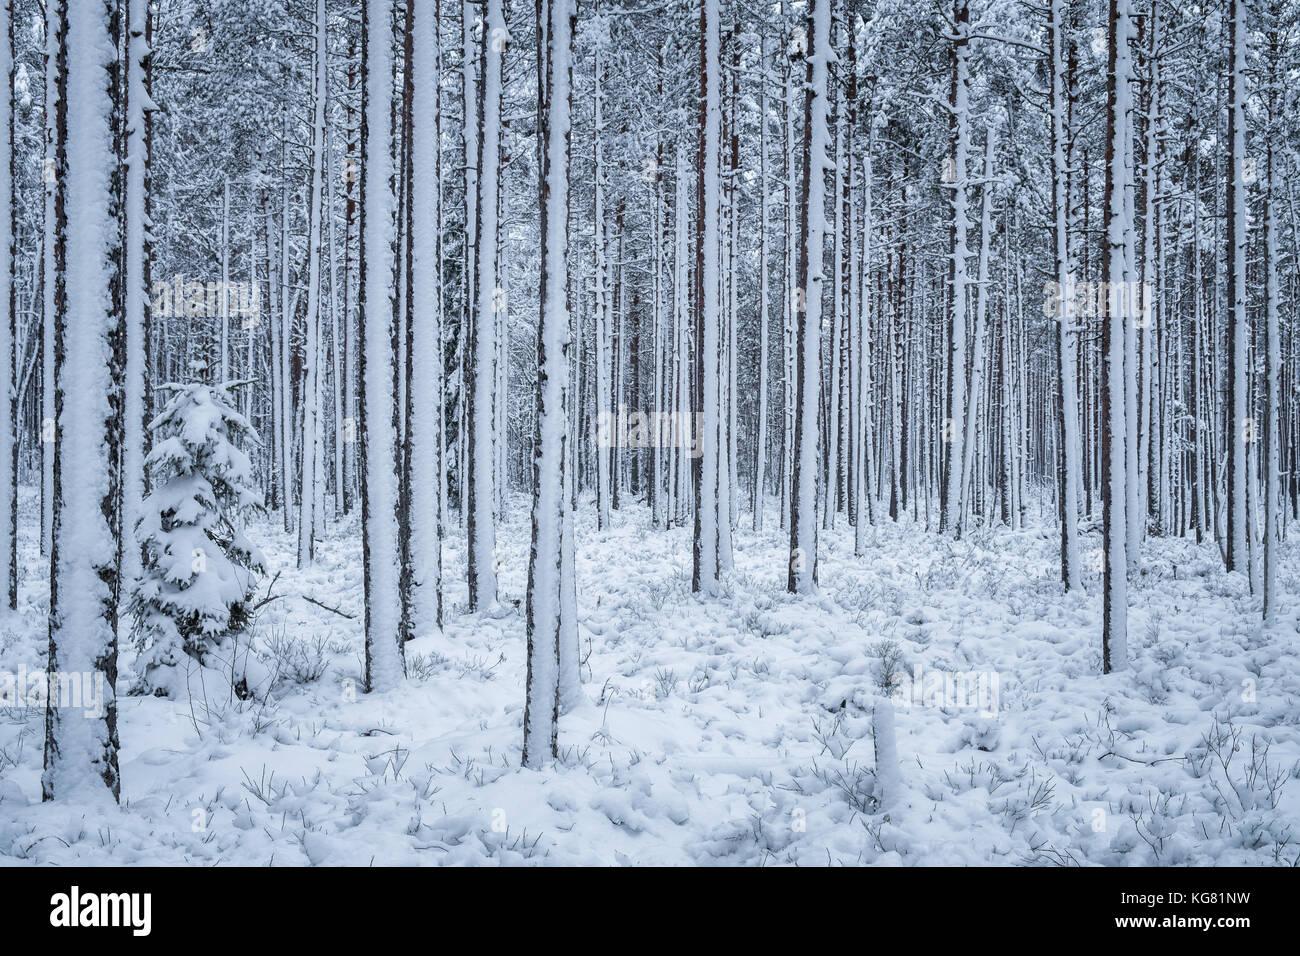 La nieve por primera vez está nevando en noche de invierno en los bosques de Finlandia Imagen De Stock